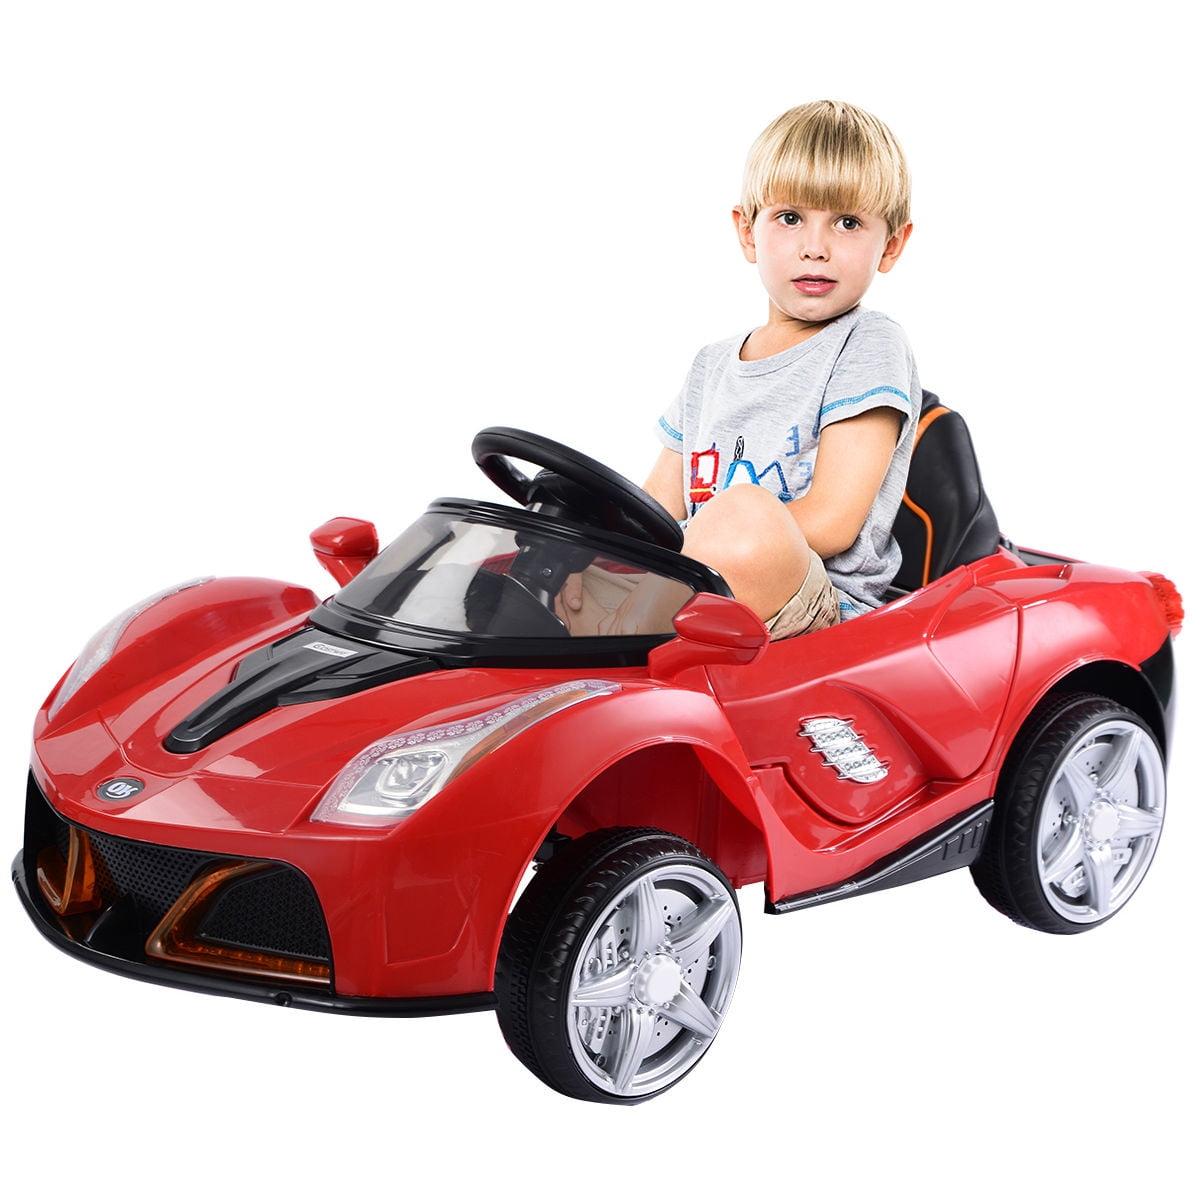 12v Rc Led Lights Battery Powered Kids Riding Car Walmart Com Walmart Com